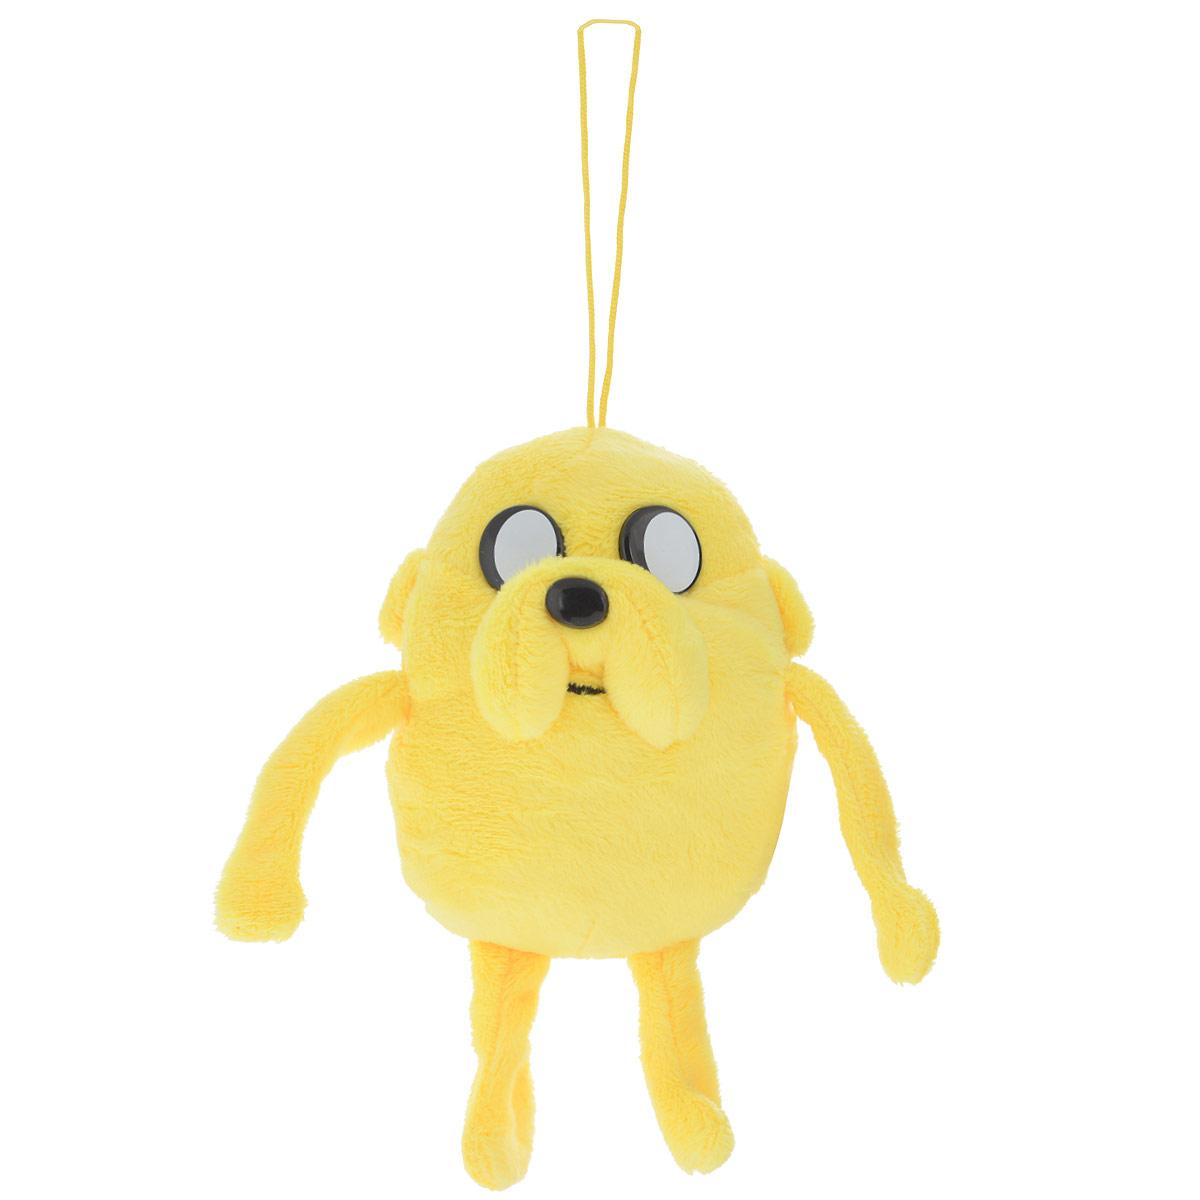 Мягкая игрушка Adventure Time Джейк, 15 смDABU0Очаровательная мягкая игрушка Adventure Time Джейк вызовет умиление и улыбку у каждого, кто ее увидит. Игрушка выполнена в виде Джейка - одного из главных персонажей в мультсериале Время приключений. У игрушки есть текстильный шнурок высотой 13,5 см. Джейк - это волшебная собака, постоянный компаньон, лучший друг и сводный брат Финна. Джейк еще с пеленок может волшебным образом растягиваться и принимать различные формы. Эта способность множество раз помогала в их с Финном приключениях. У Джейка необычайно мощное воображение: все, что он воображает, становится реальностью. Характер у Джейка спокойный, он предпочитает ни о чем не переживать и плыть по течению. Удивительно мягкая игрушка принесет радость и подарит своему обладателю мгновения нежных объятий и приятных воспоминаний. Великолепное качество исполнения делают эту игрушку чудесным подарком к любому празднику.